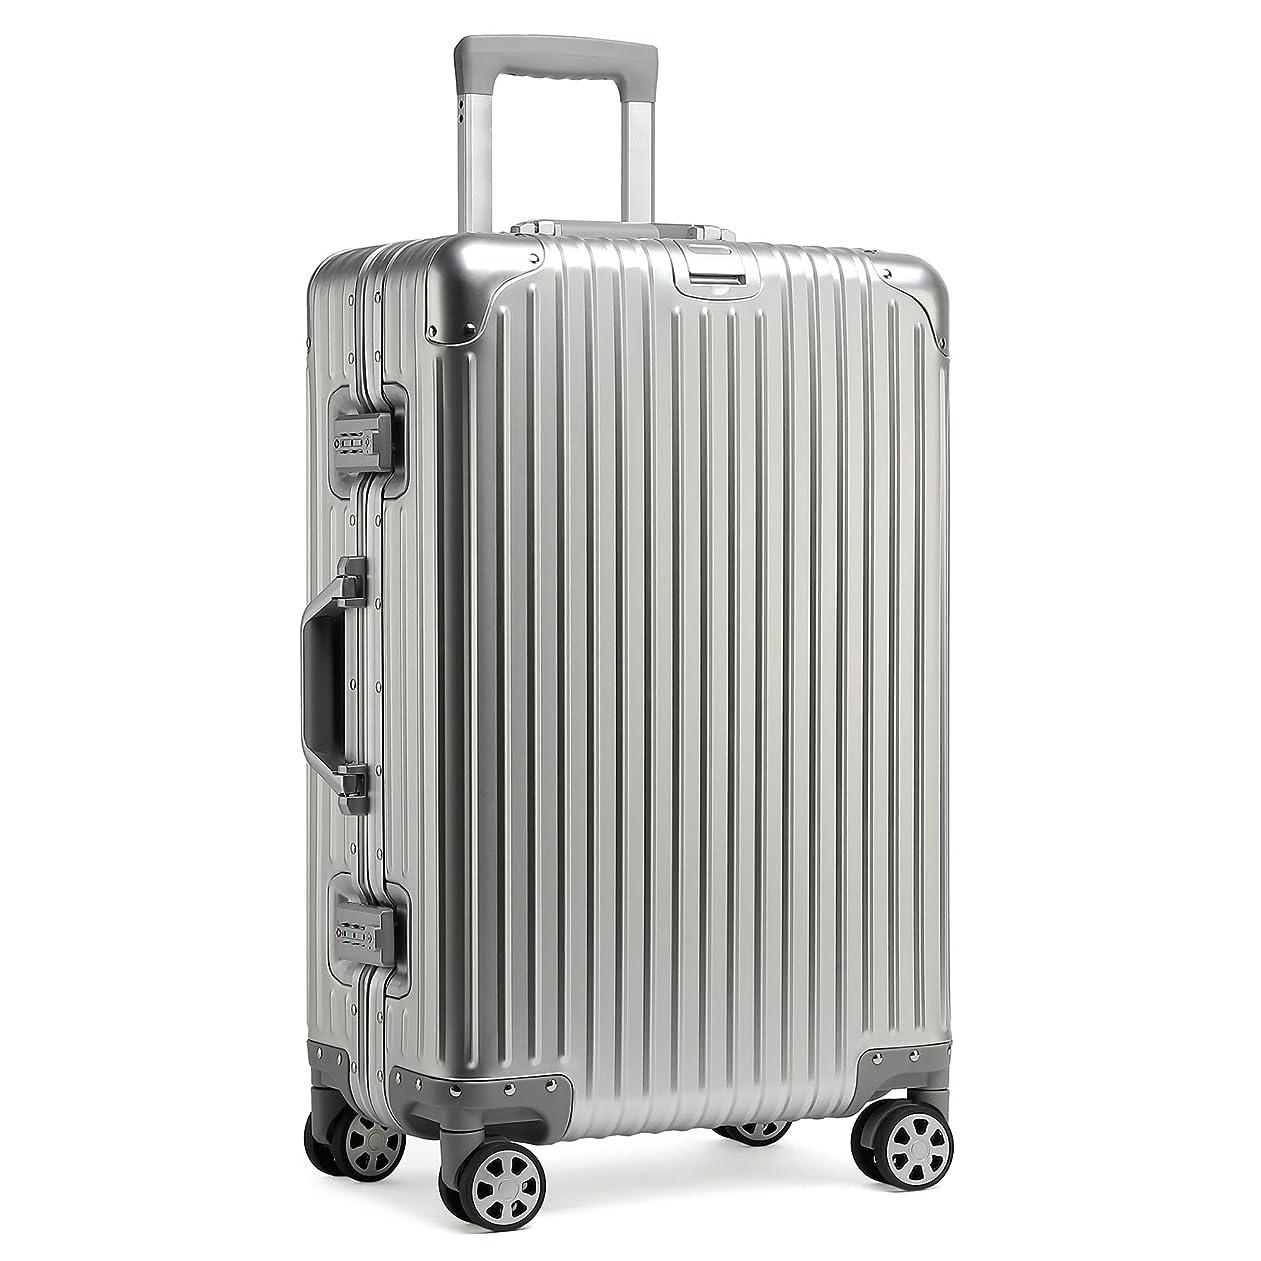 侵入するすずめ満足kroeus(クロース)スーツケース キャリーケース アルミ合金ボディ カバン掛け TSAロック搭載 8輪キャスター フレームタイプ 1年間保証サービス